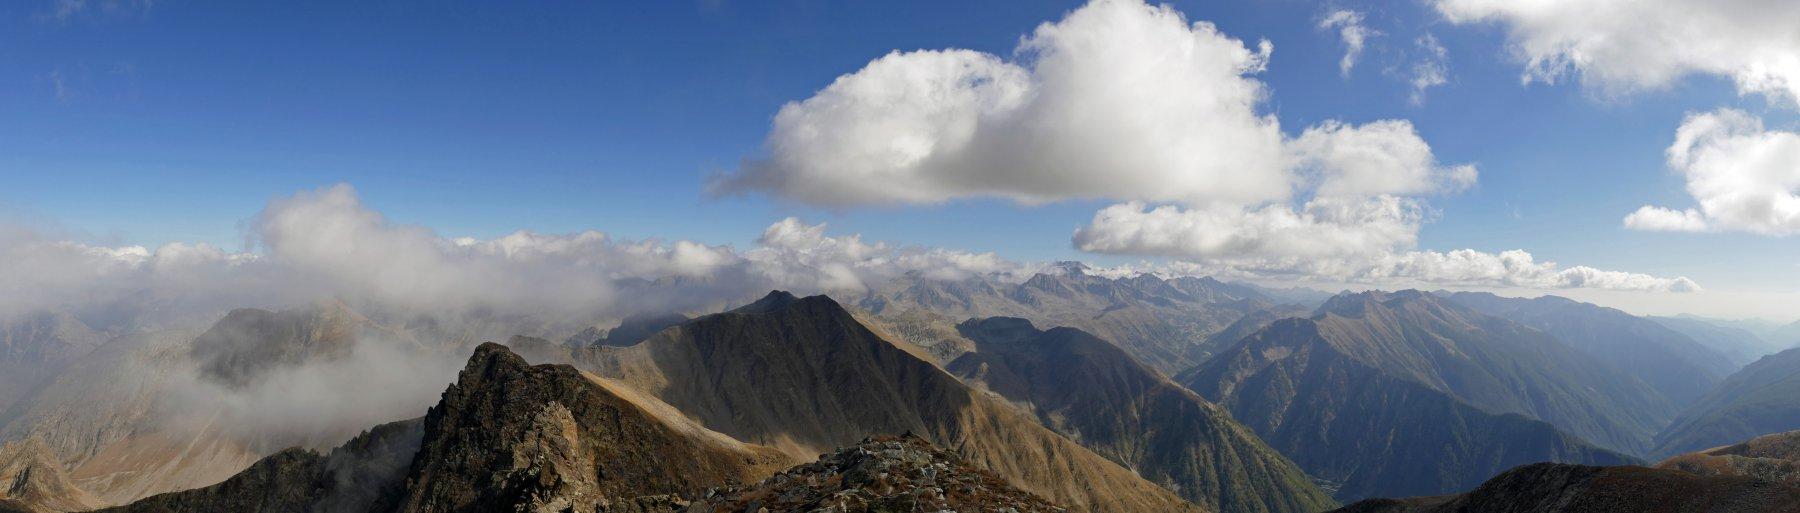 Panoramica dalla cima Centrale verso le vette della Valle Gesso